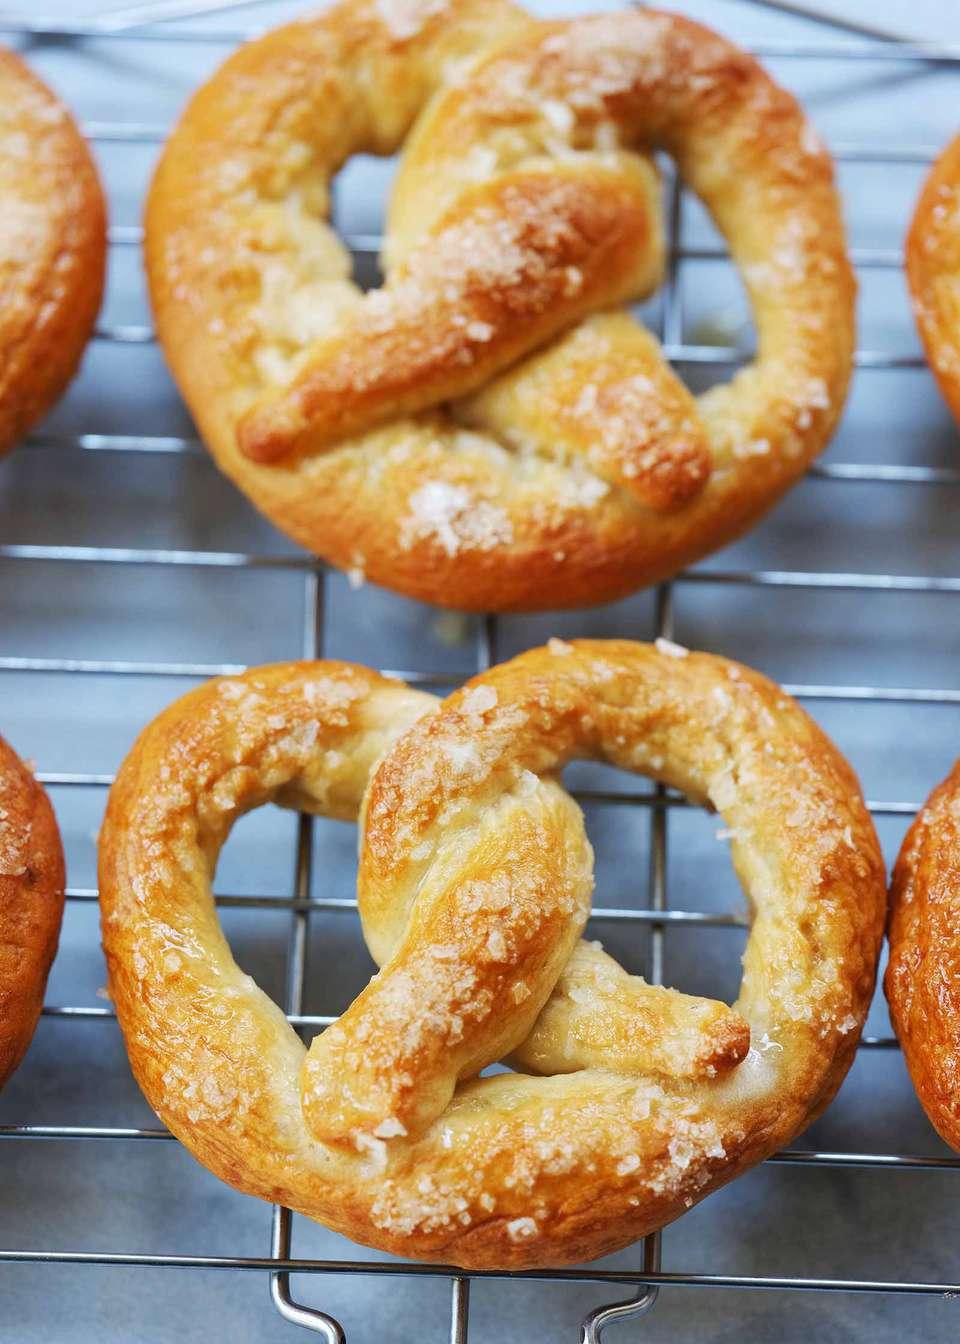 How to make soft pretzels Homemade soft pretzels cooling on a cooling rack